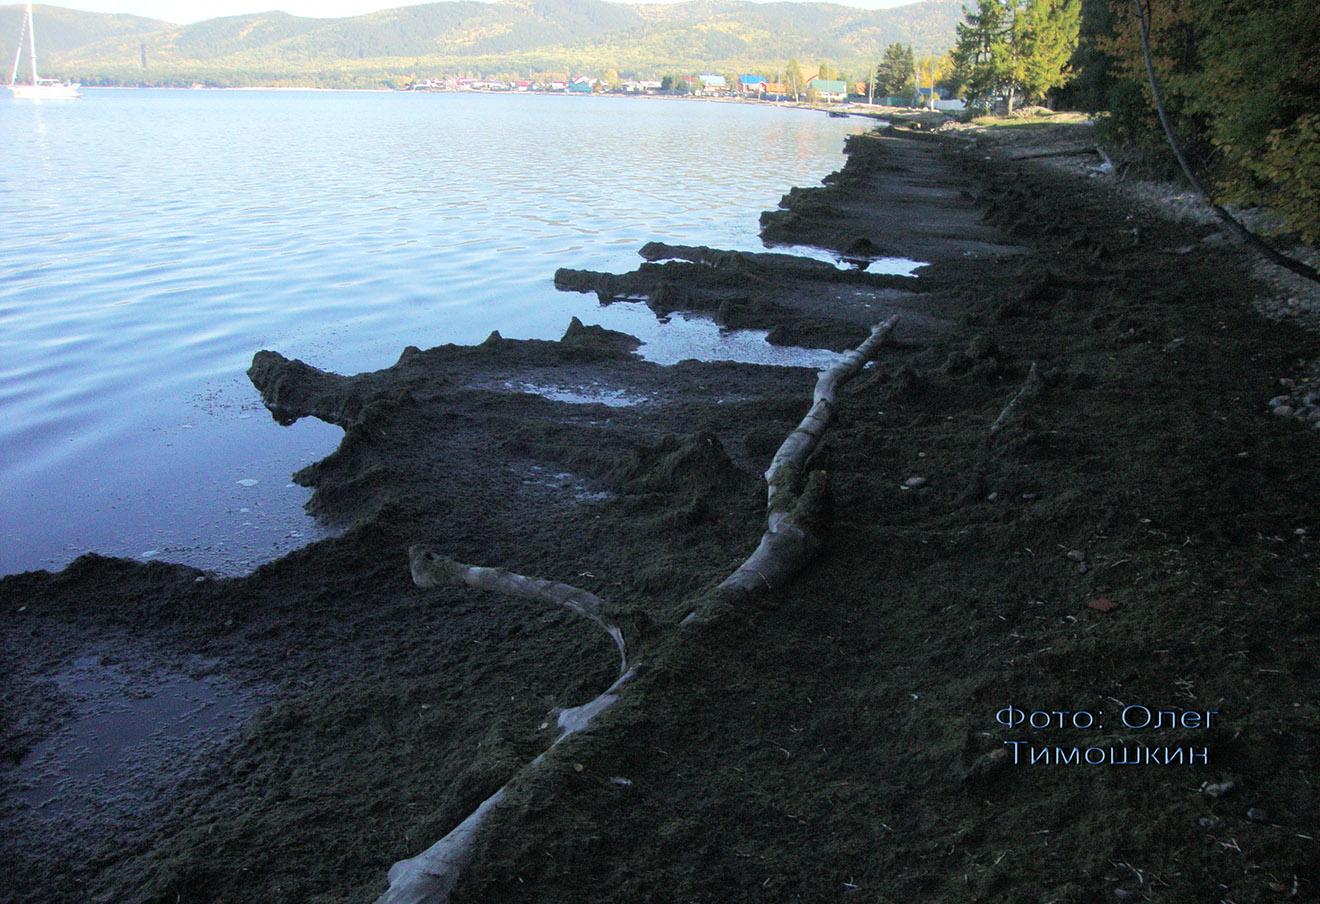 Покрытый мертвыми водорослями берег в бухте Максимиха, 2014 год. Фото: Олег Тимошкин